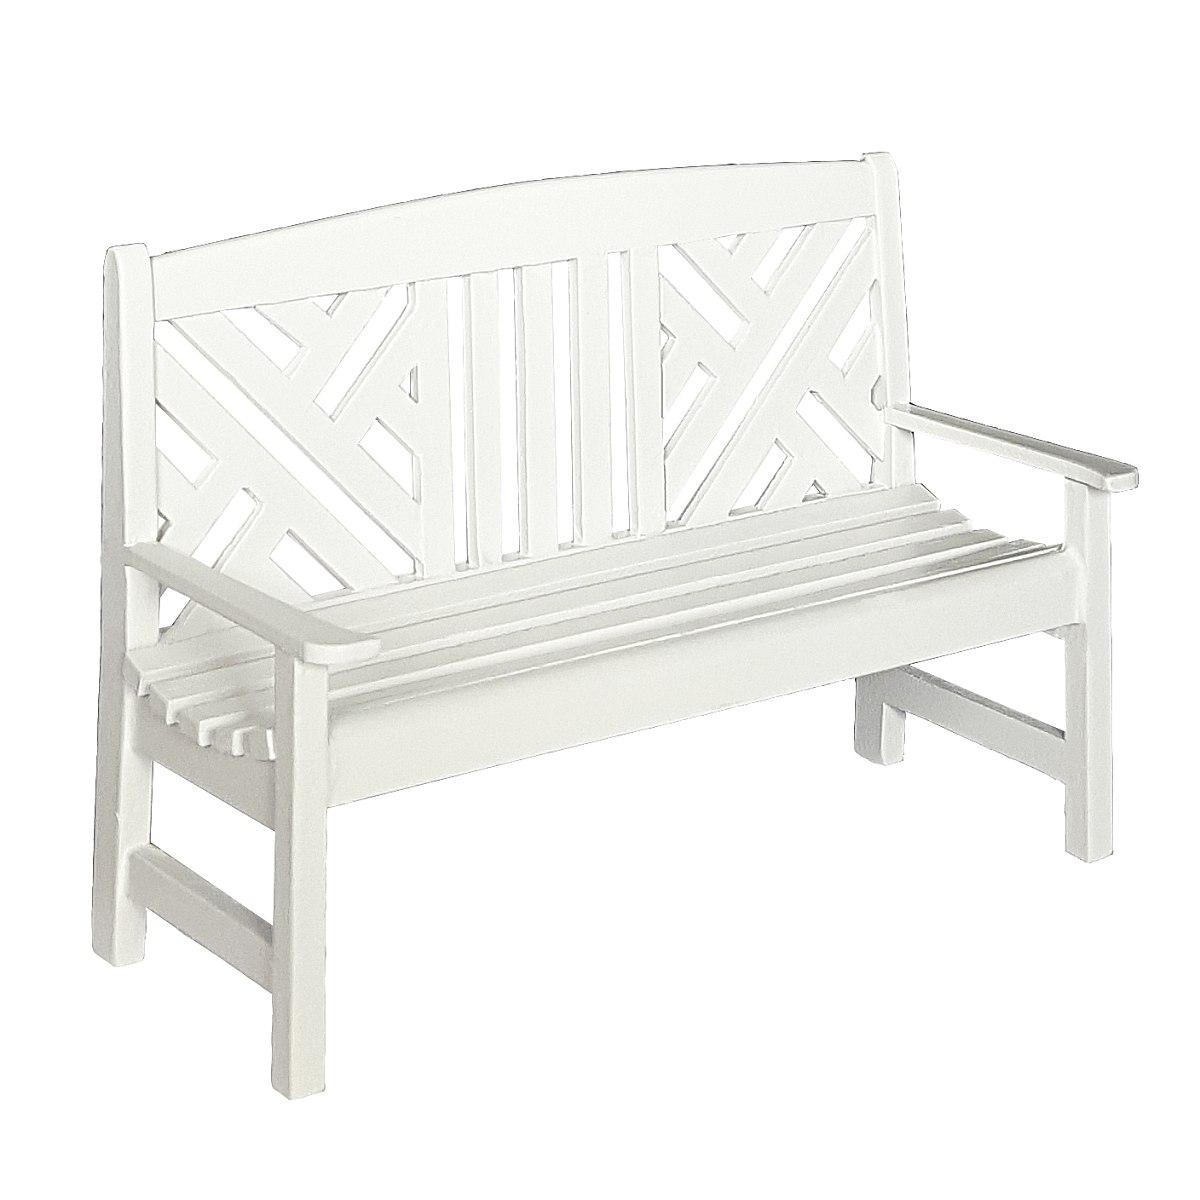 Garden bench, white 完成品・ガーデンベンチ